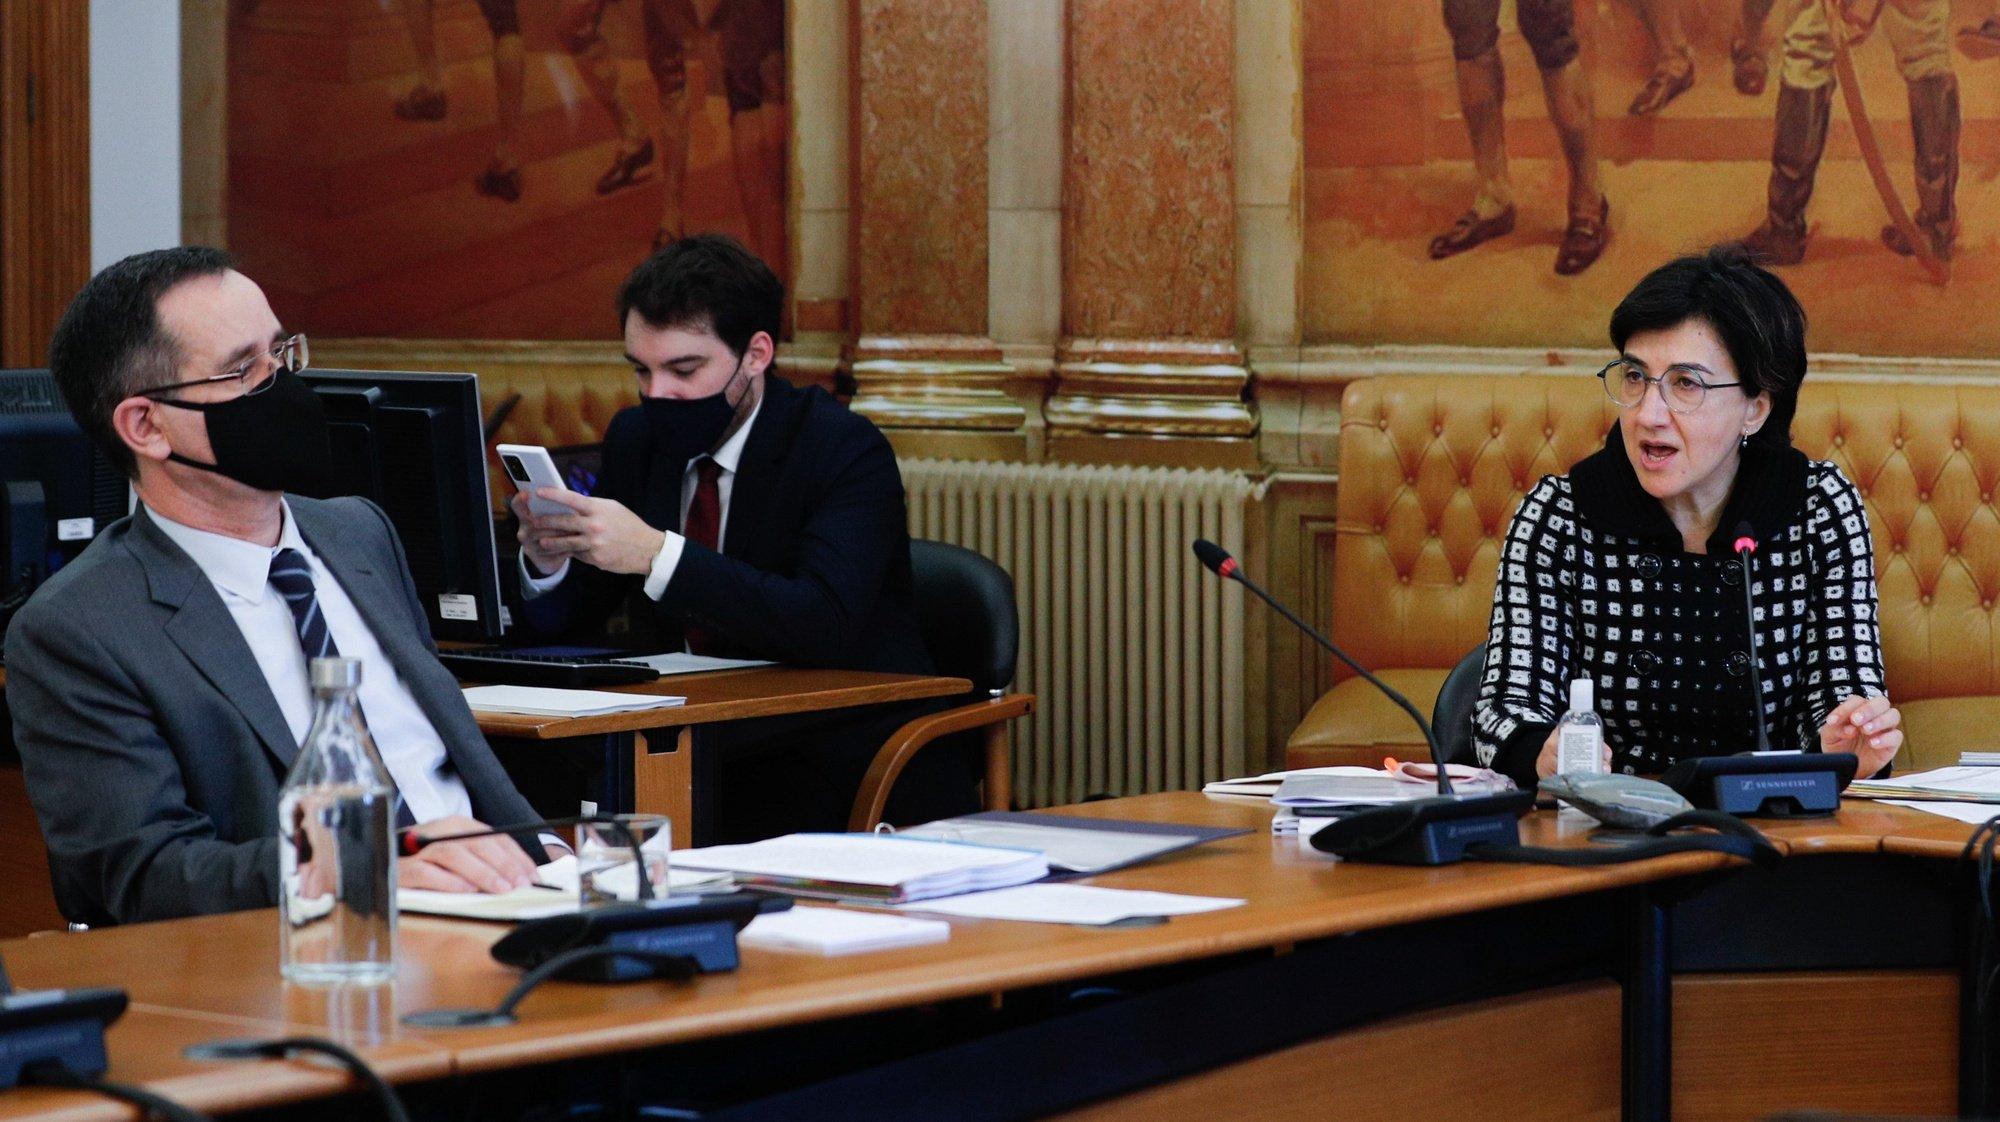 A ministra da Agricultura, Maria do Céu Antunes, durante a sua  audição  na comissão de Agricultura e Mar, na Assembleia da República, em Lisboa, 20 de janeiro de 2021. ANTÓNIO COTRIM/LUSA